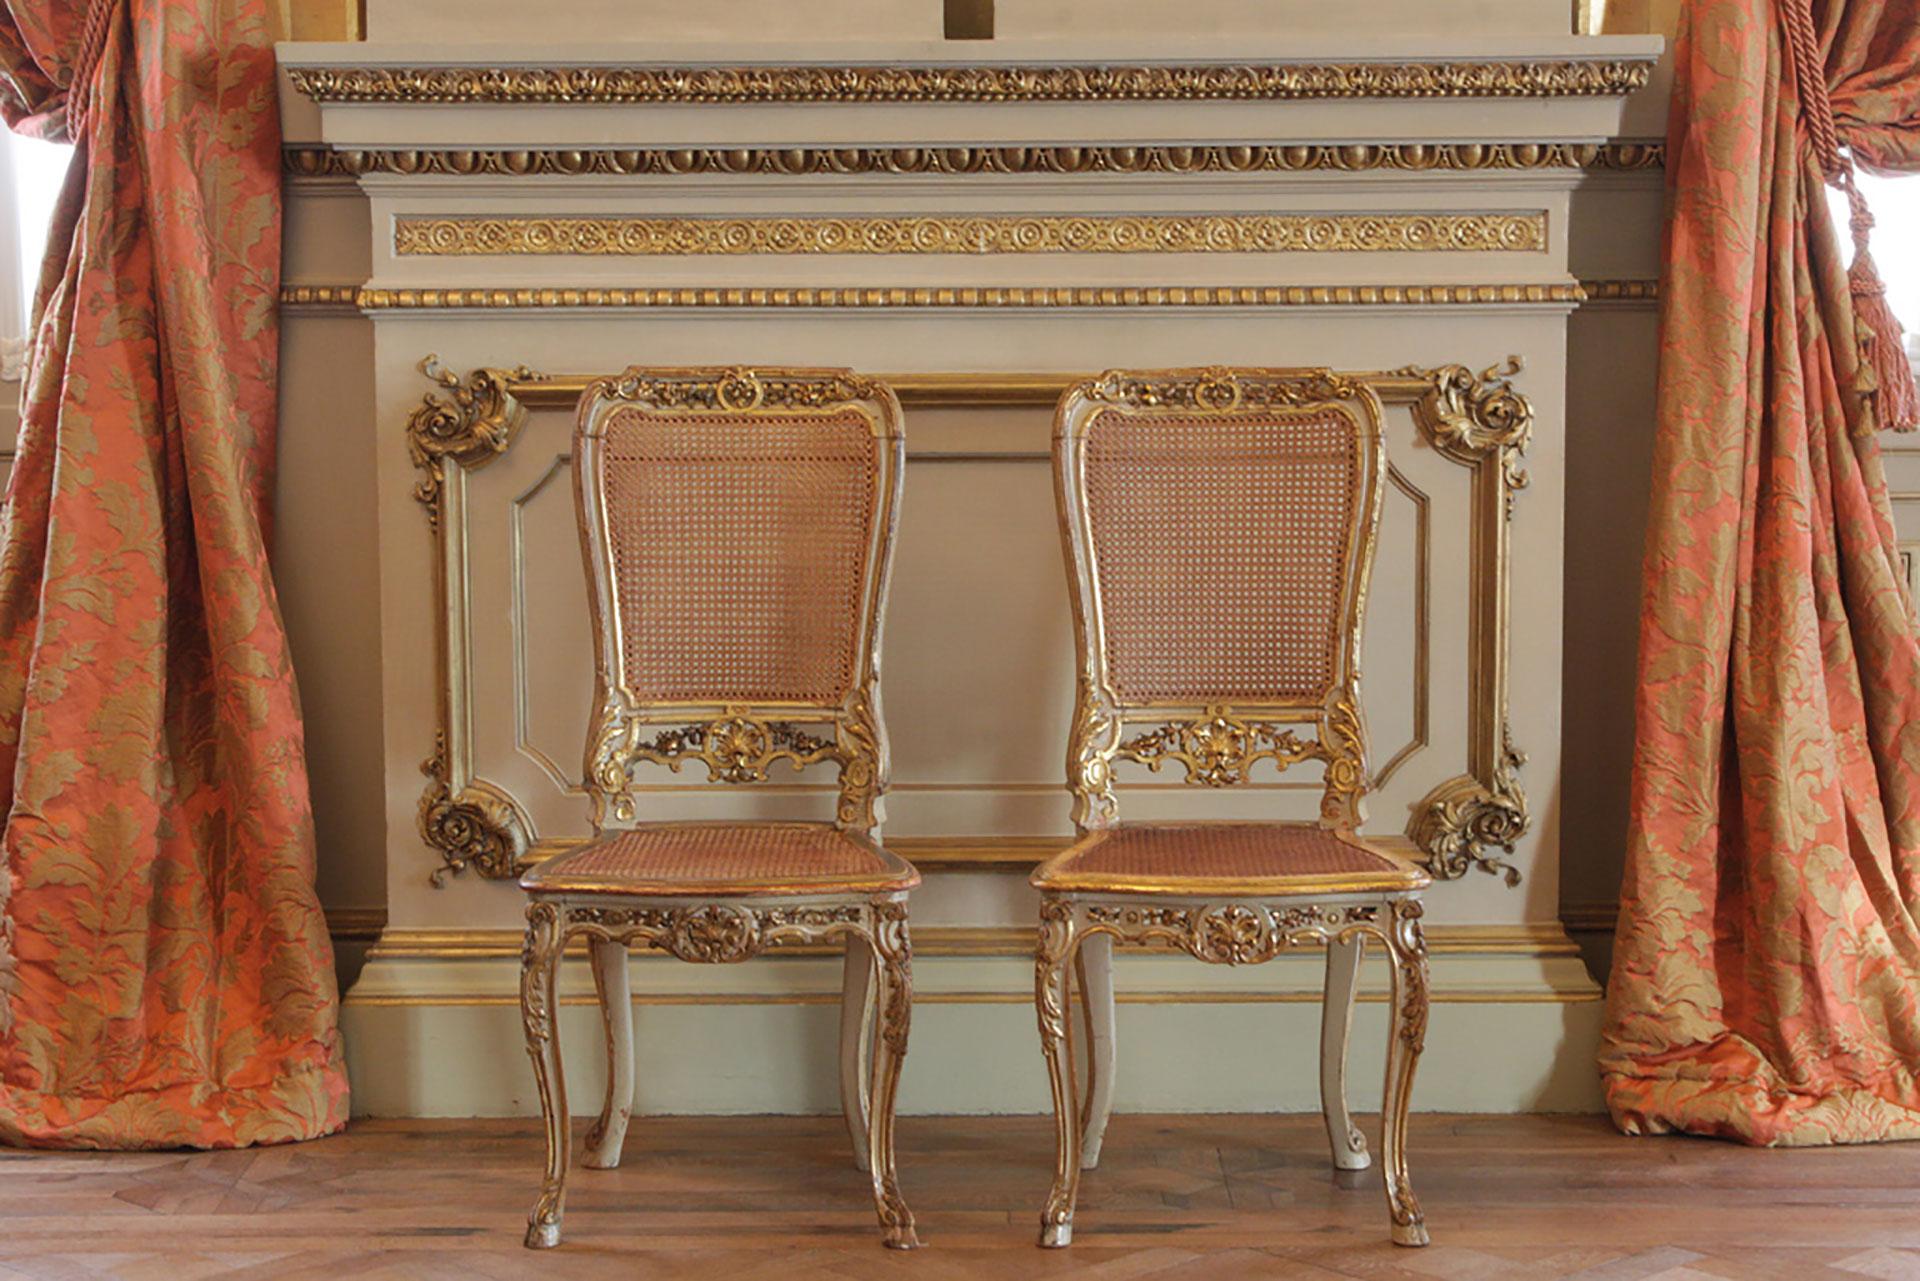 Ornamentos sofisticados en cada espacio del Teatro Colón